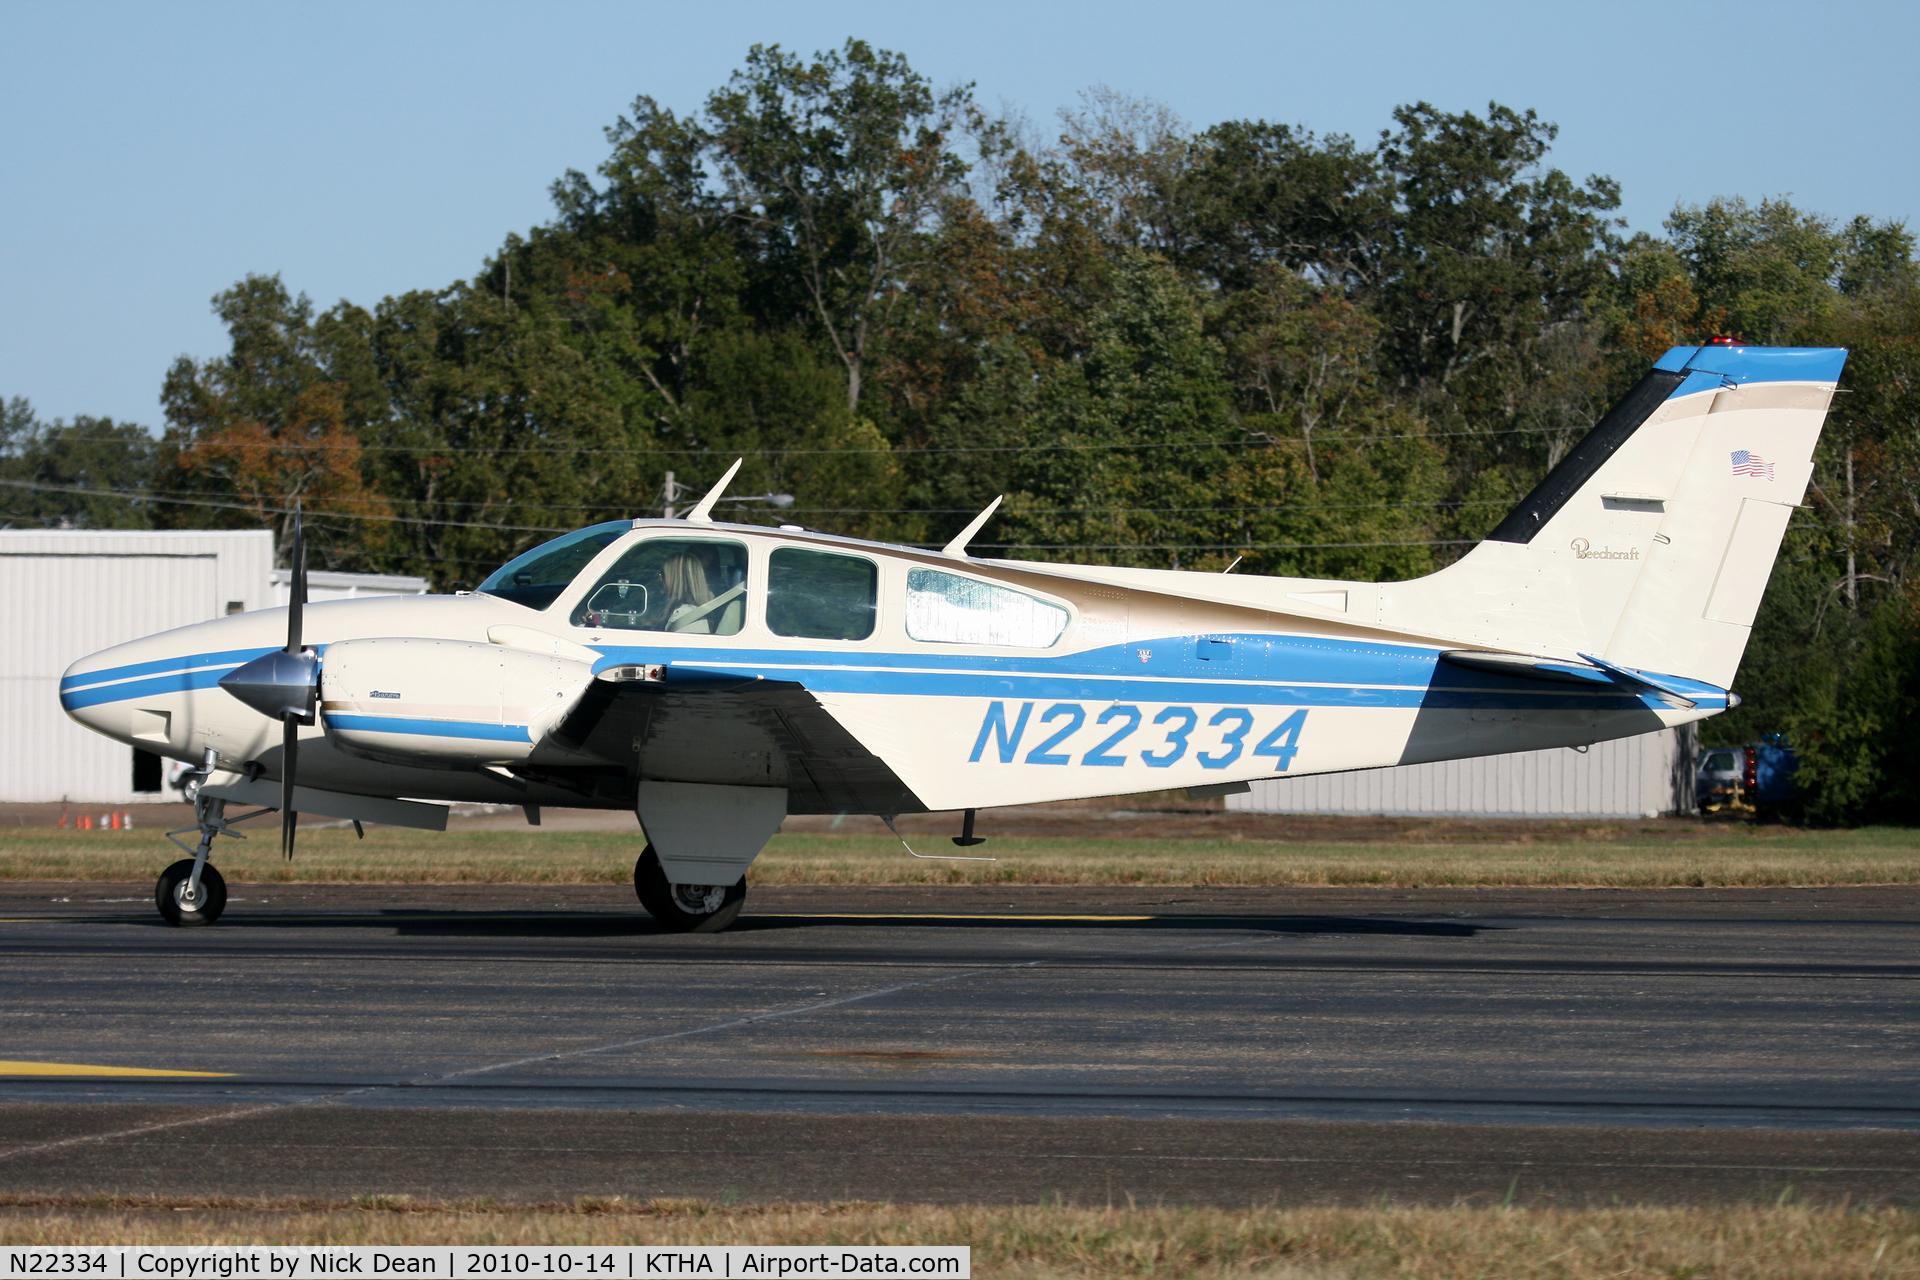 N22334, 1977 Beech E-55 Baron C/N TE-1111, KTHA Beech party 2010